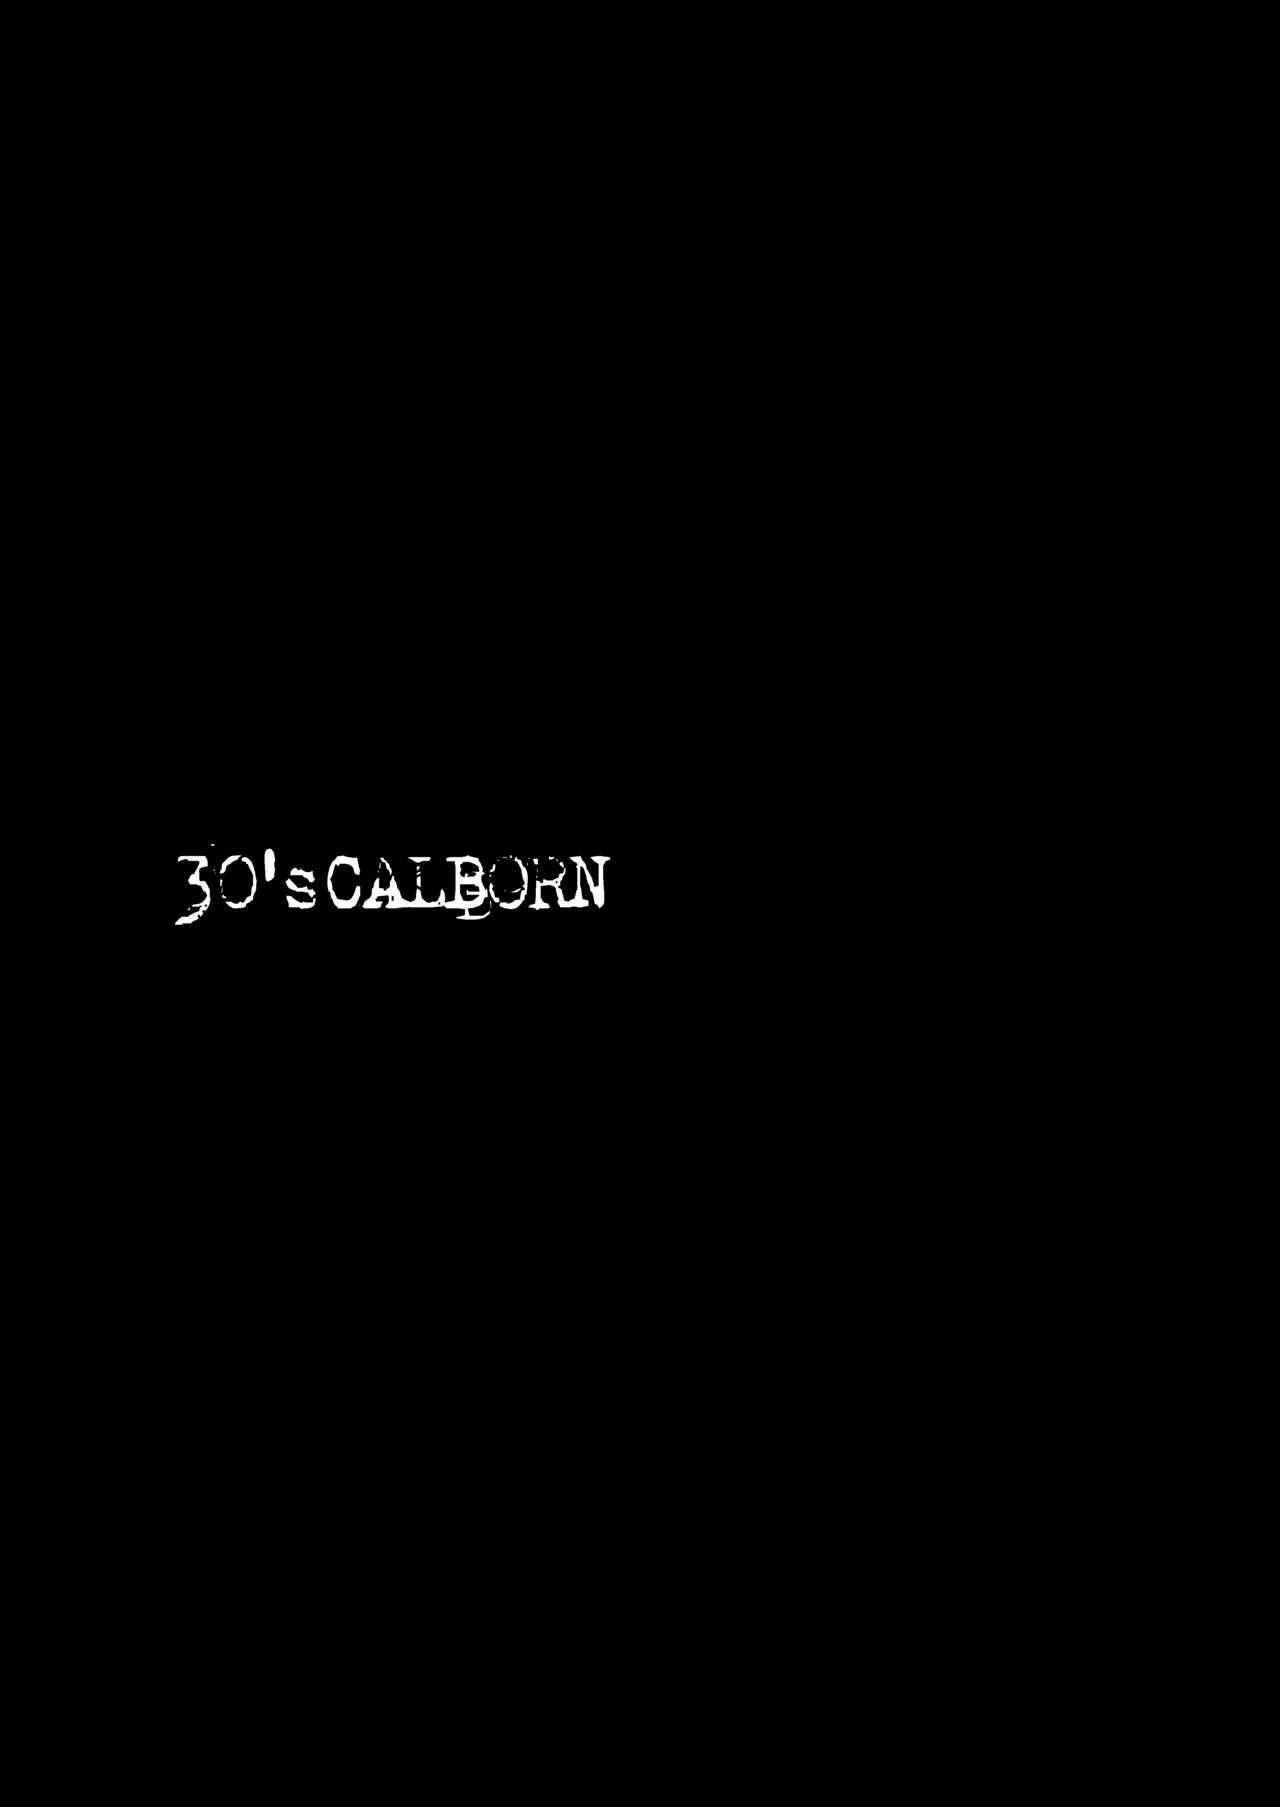 30's CALBORN 1